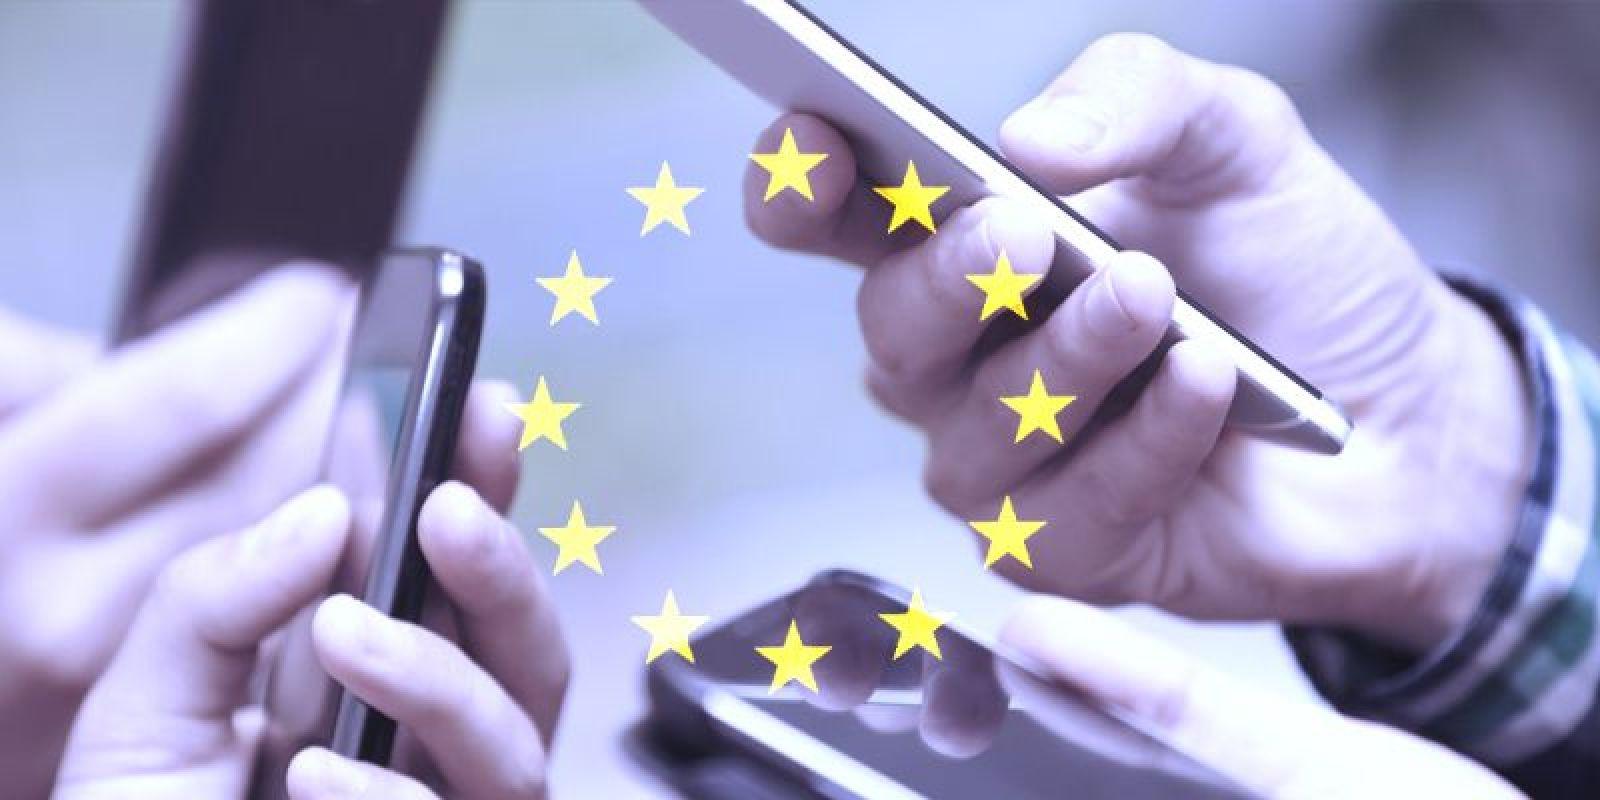 Не все британцы могут воспользоваться бесплатным международным роумингом в странах ЕС